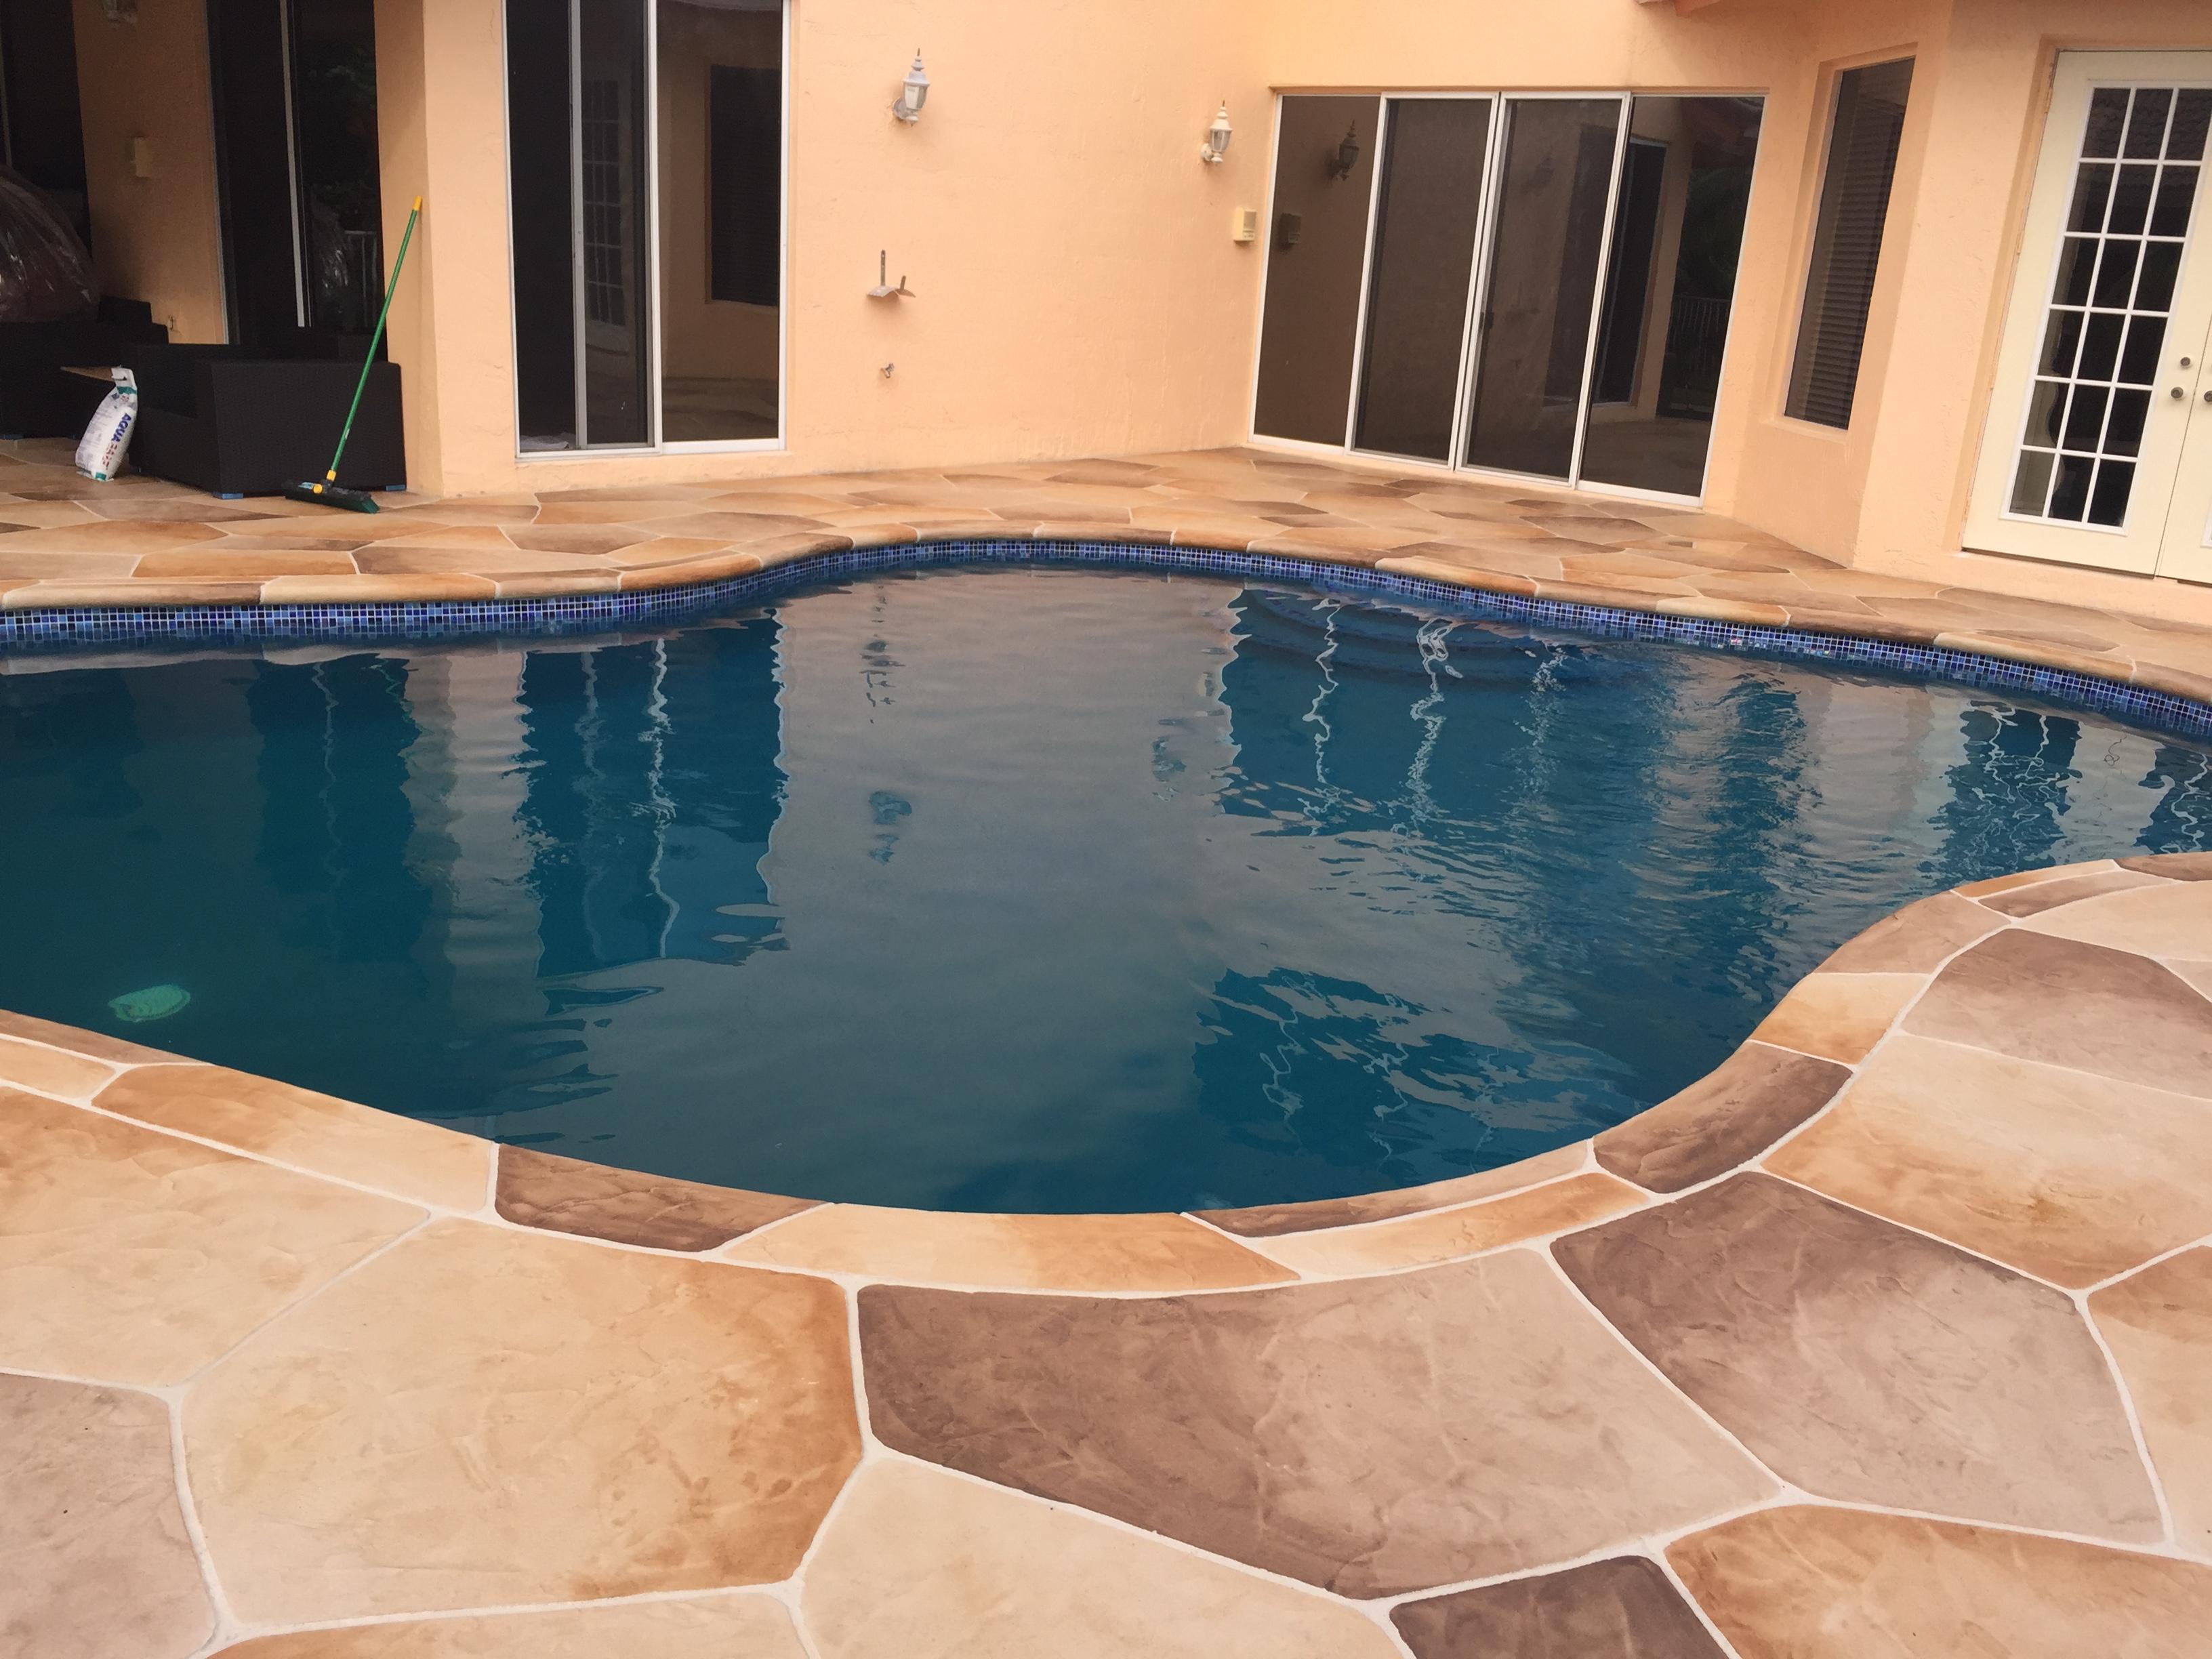 25 Best Concrete Contractors - West Palm Beach FL